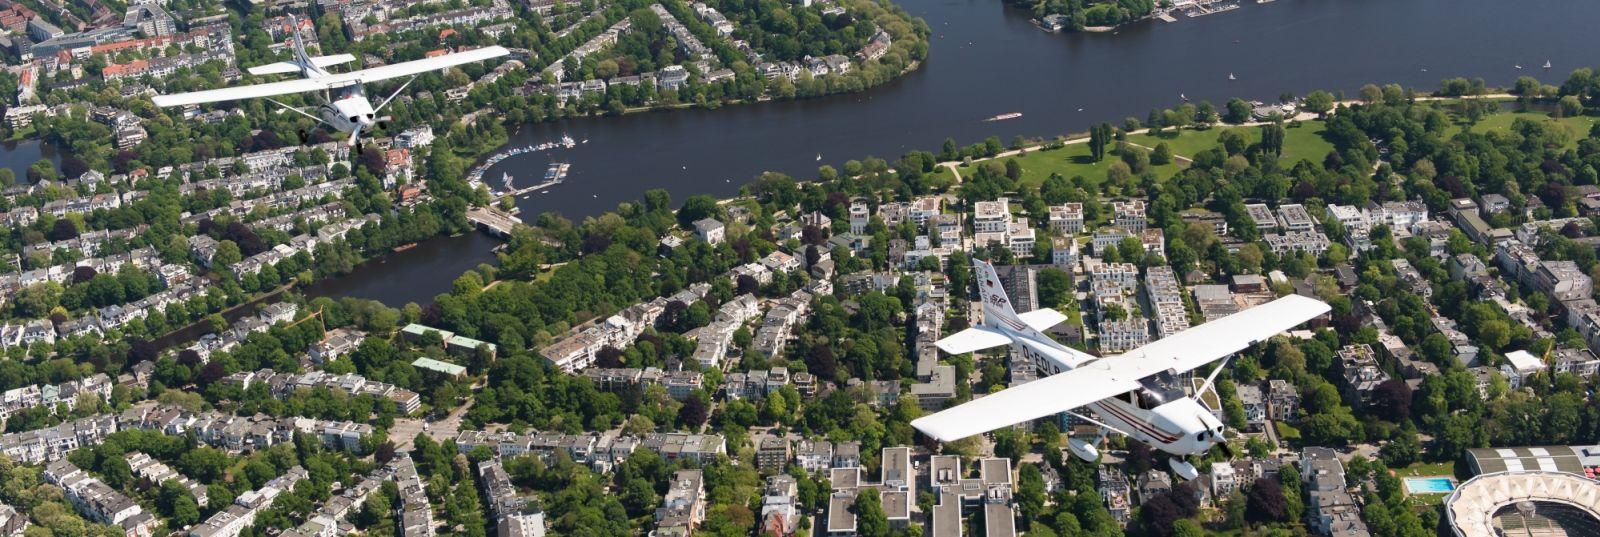 CANAIR Luftfahrtunternehmen Inhaber Stefan Hinners Hamburg